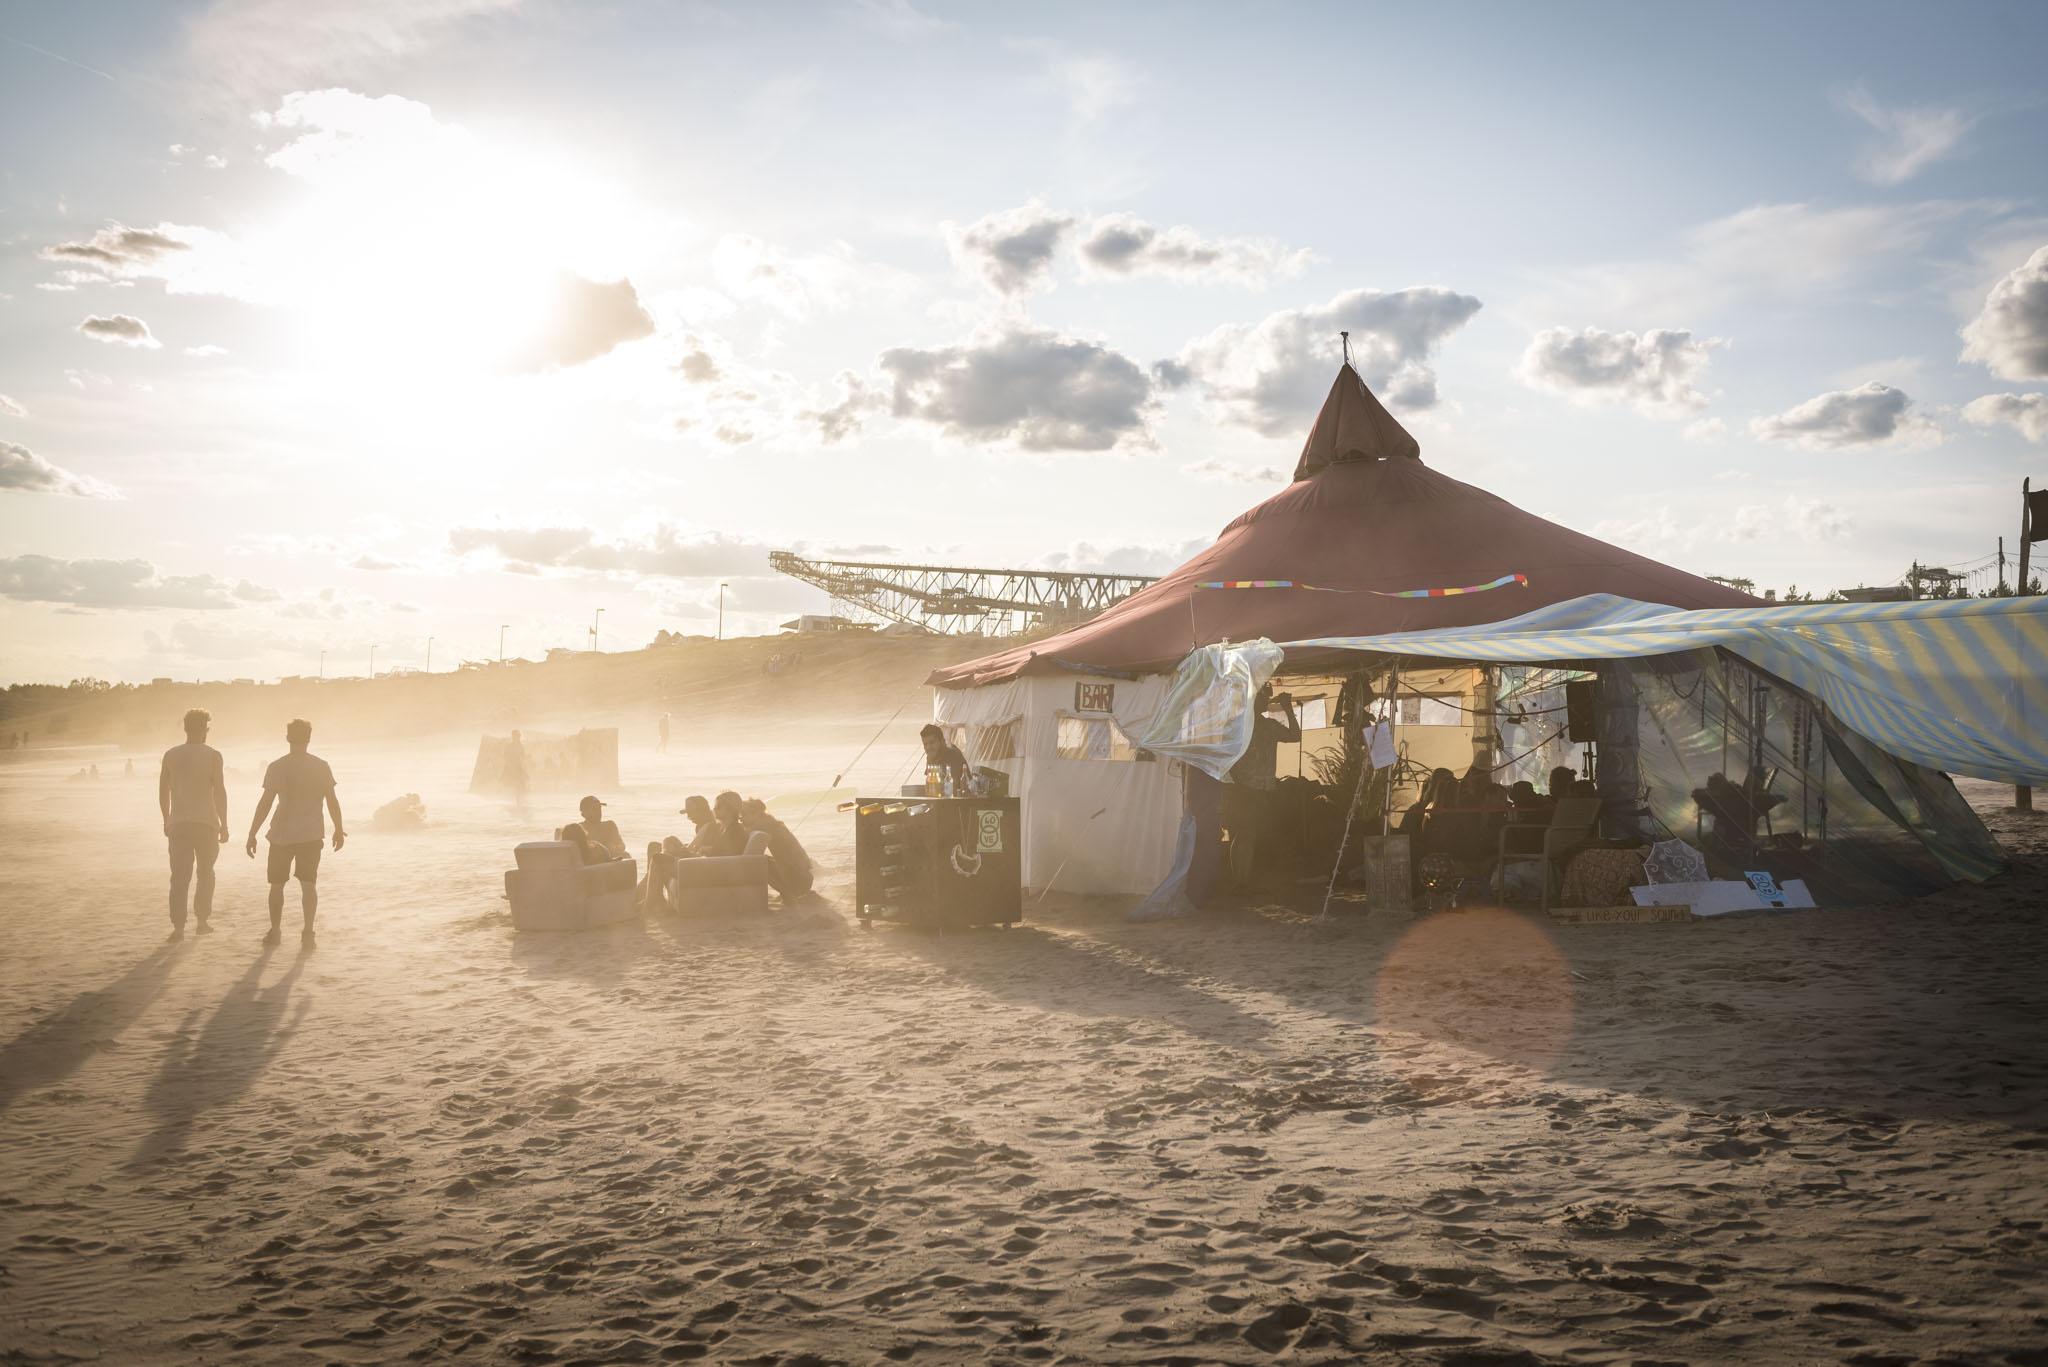 Workshop Zelt am Strand des Bergheider See im Sandsturm vor dem Besucherbergwerk F60